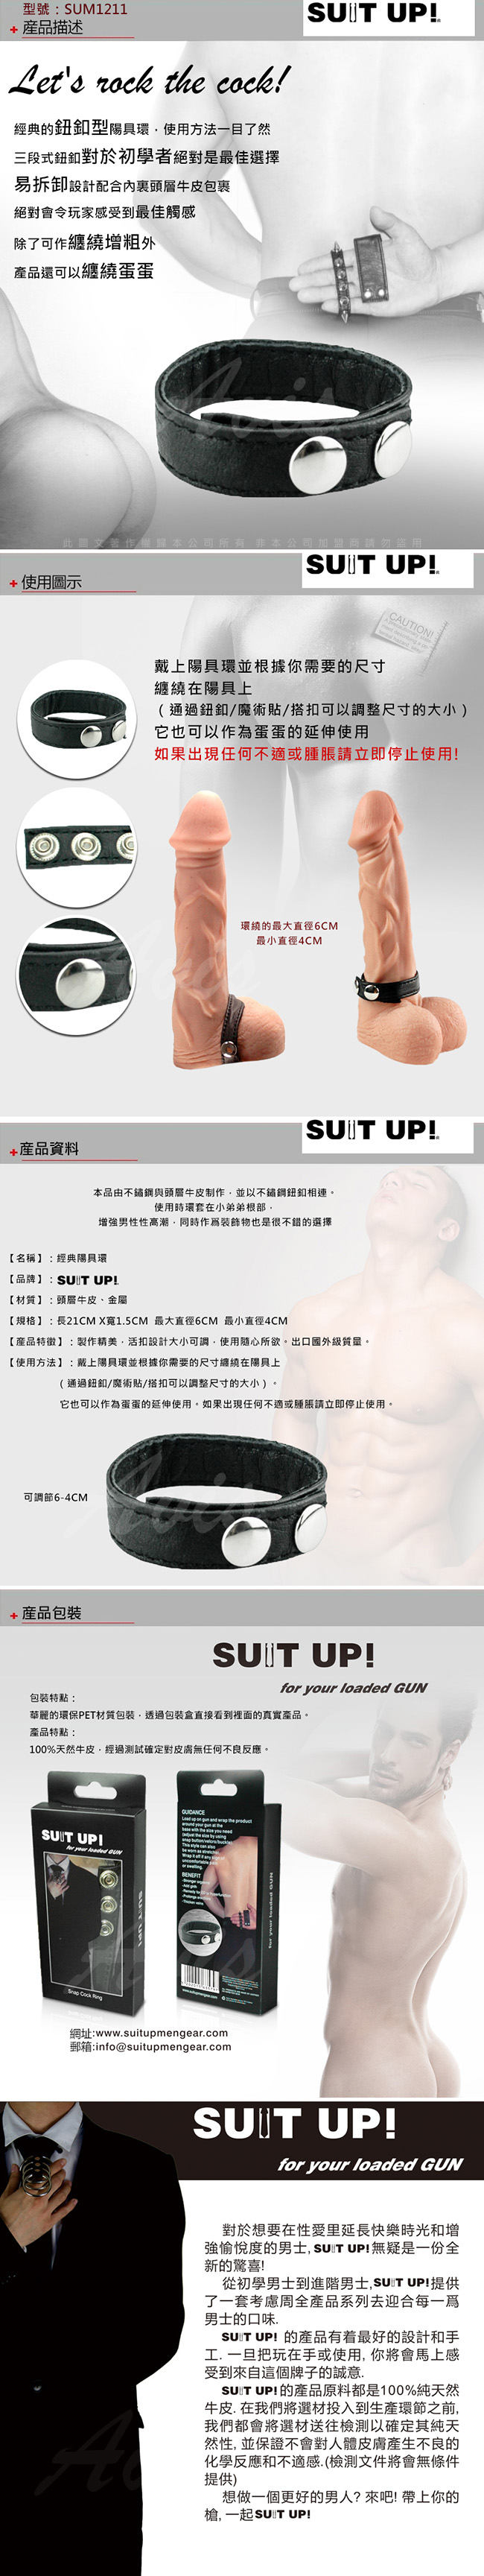 SUIT UP! SM情趣 經典陽具環